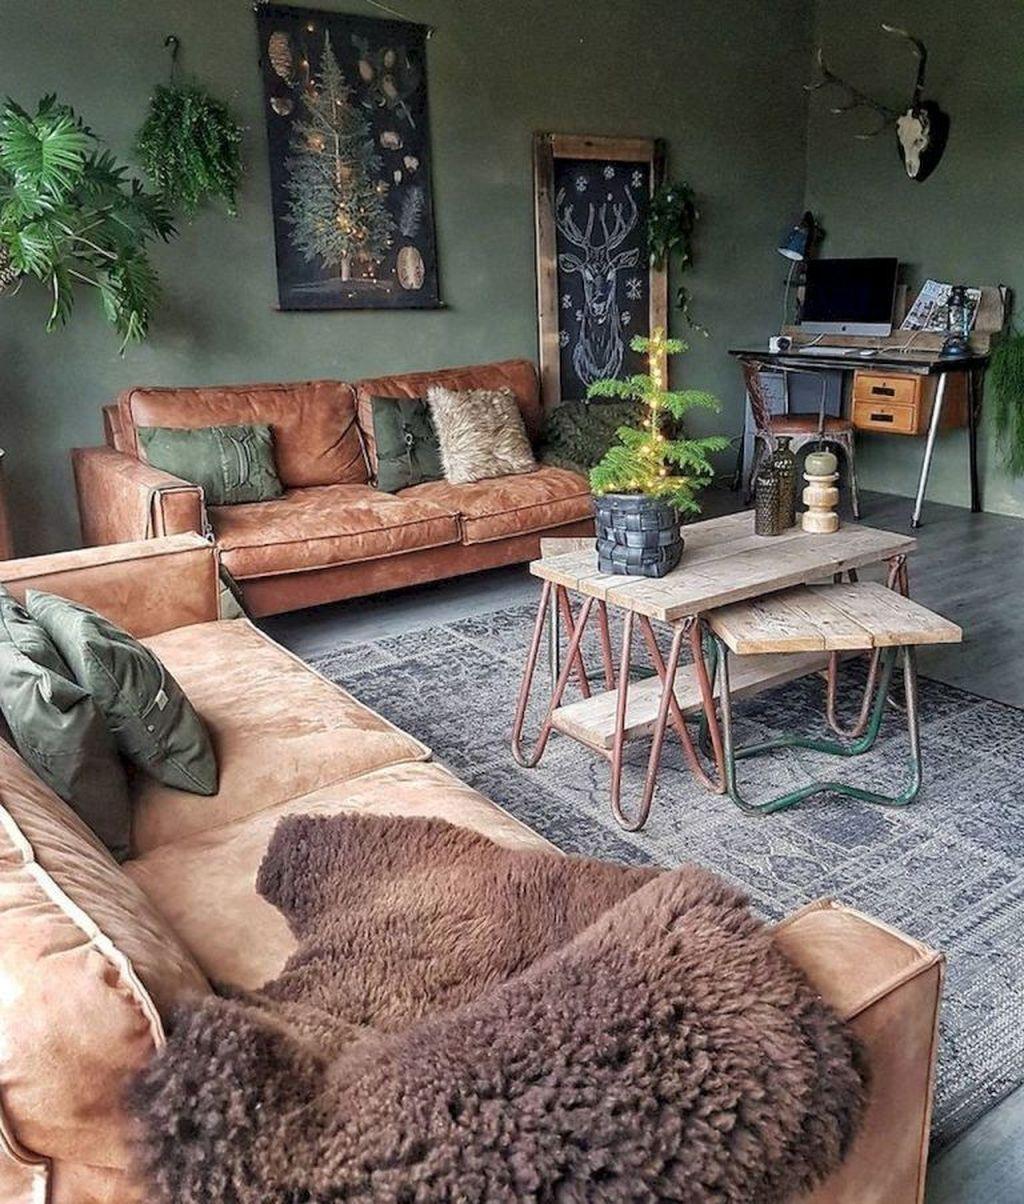 42 Comfy Living Room Design Ideas